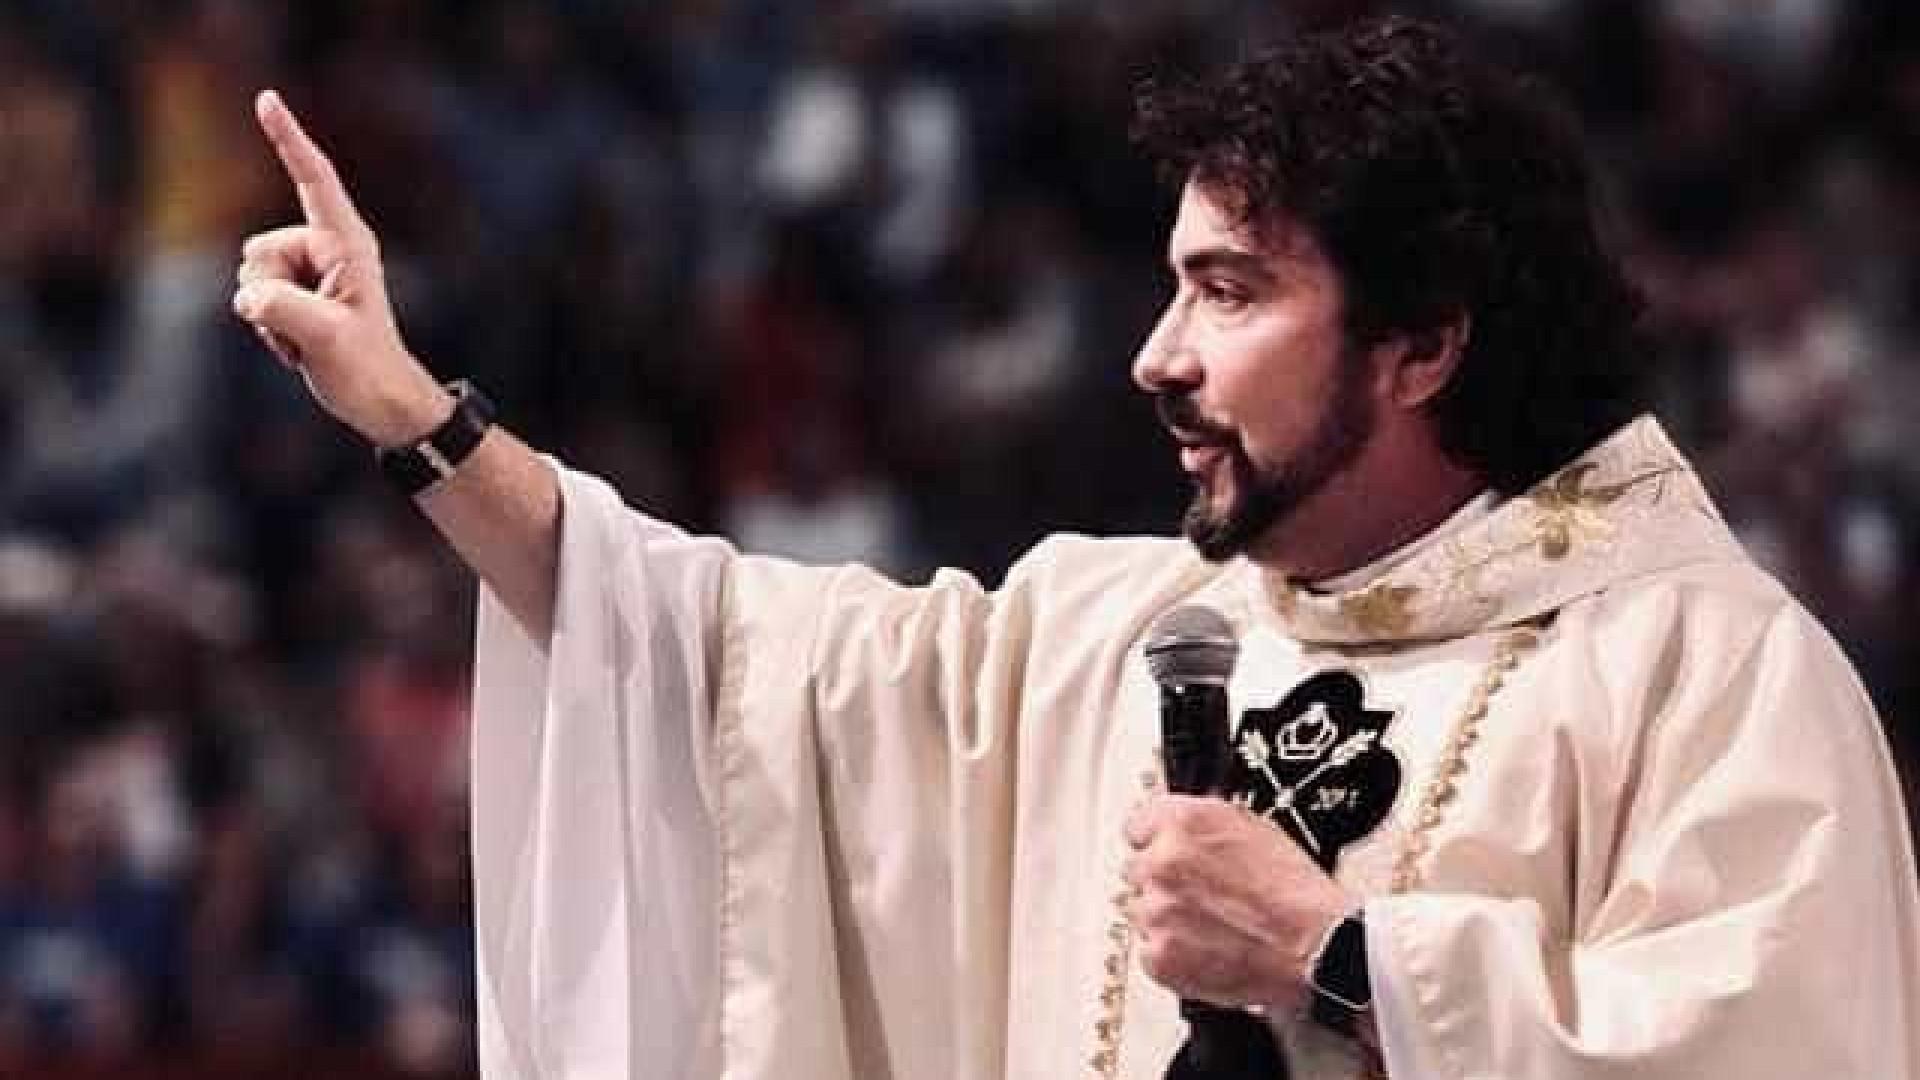 Padre Fabio de Melo defende união civil de casais gays